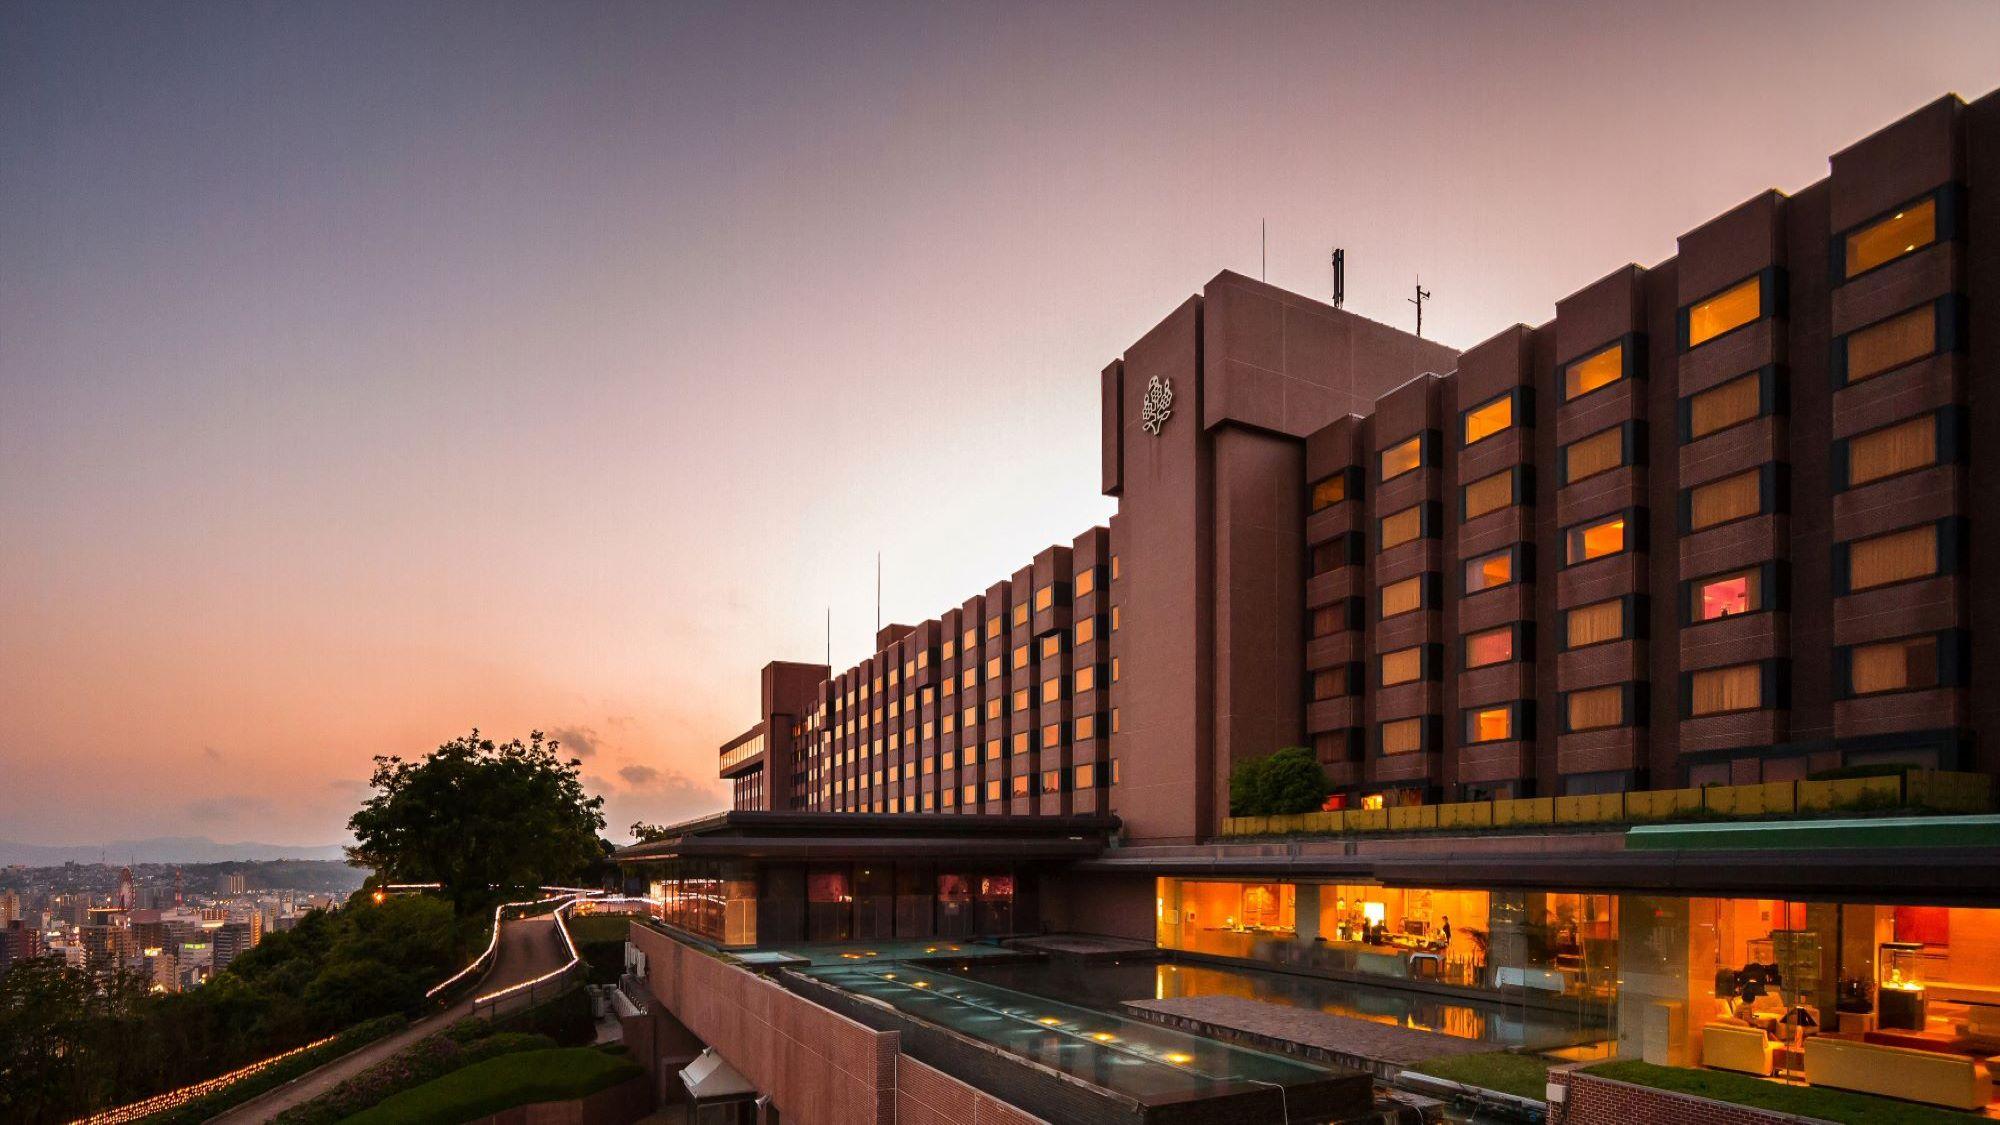 沖縄旅行・ツアー(航空券+ホテル)【楽天トラベル】城山観光ホテル